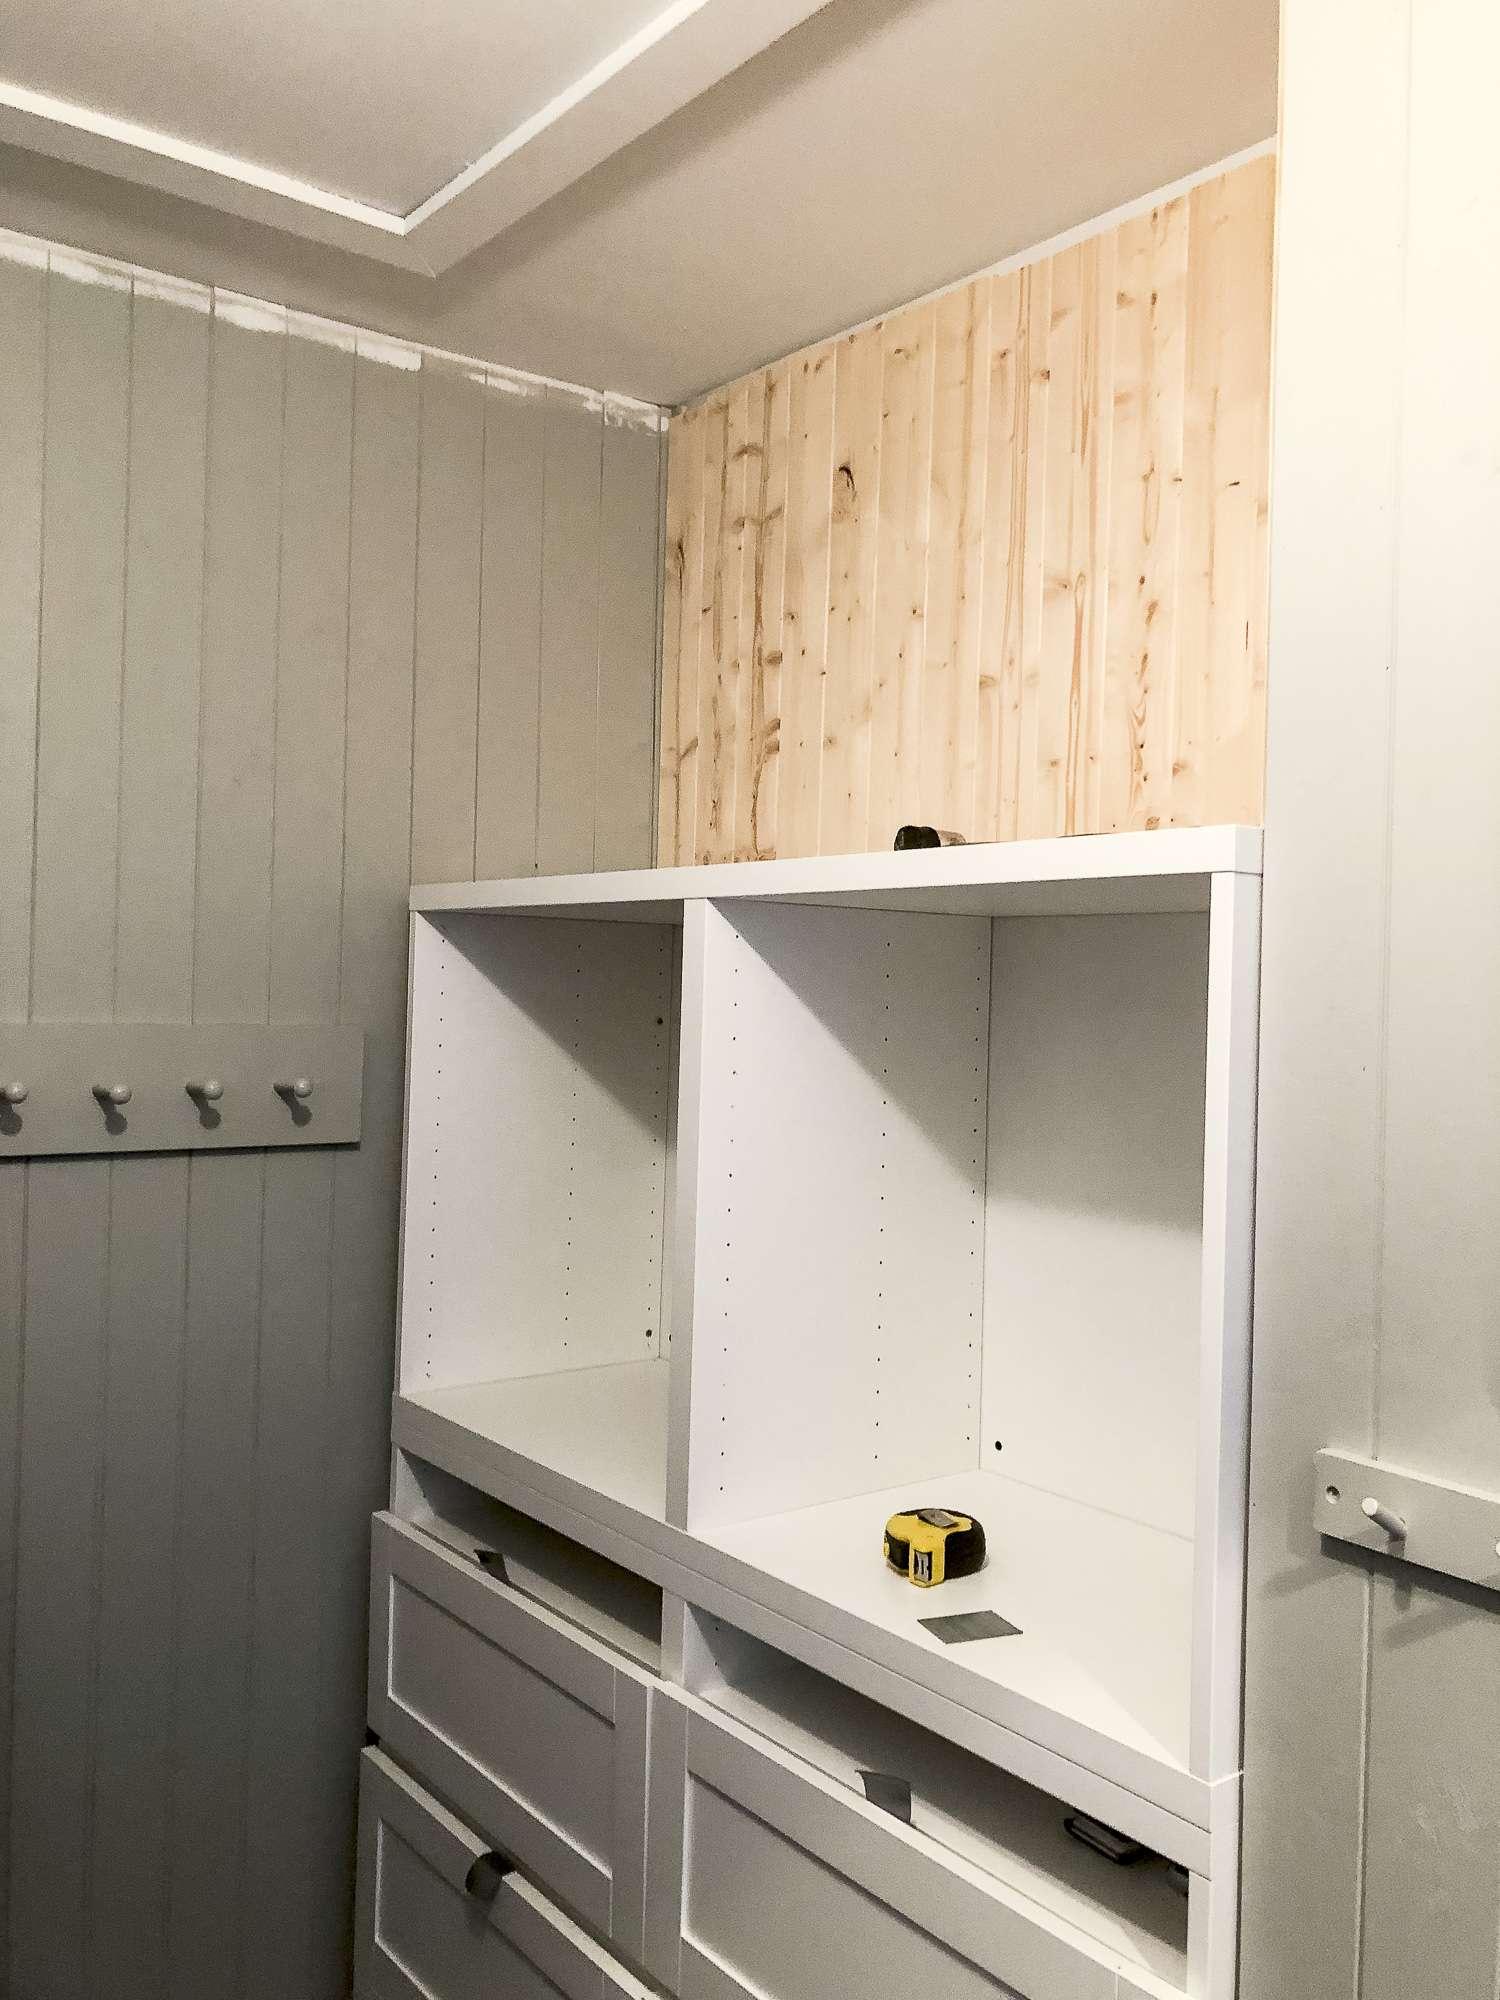 Mudroom built in storage.